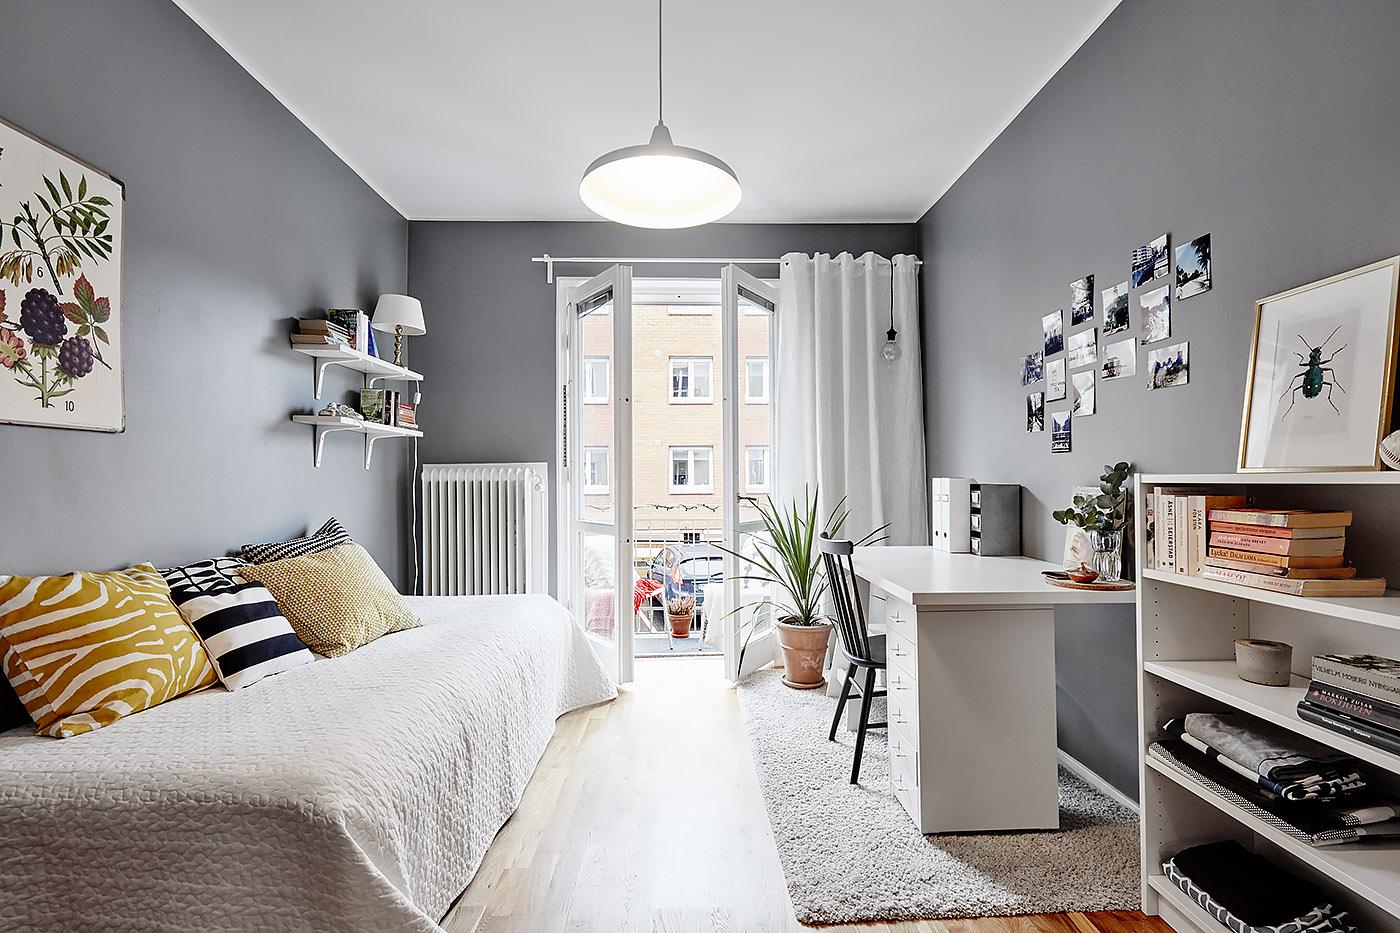 Habitaciones juveniles de estilo nrdico Blog tienda decoracin